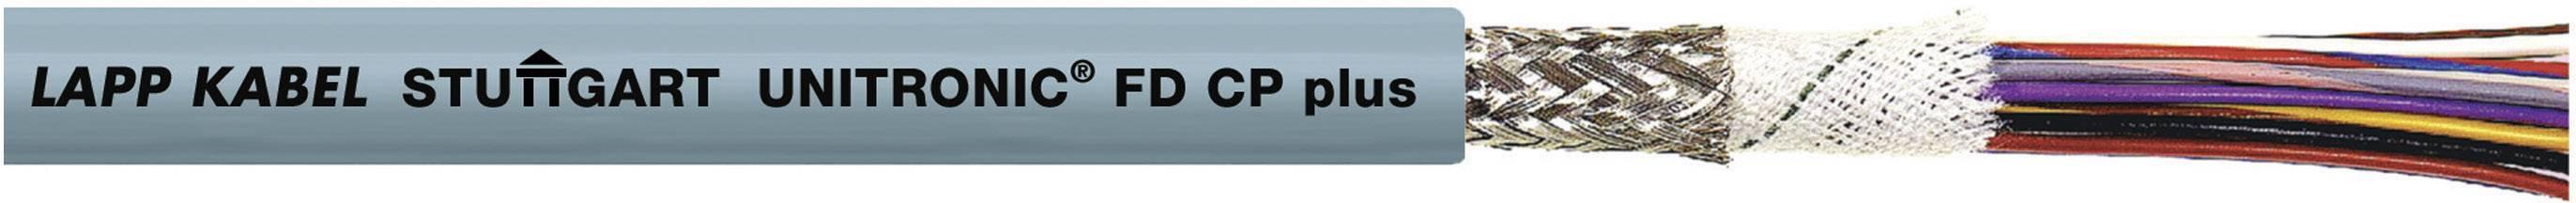 Datový kabel LappKabel UNITRONIC FD CP PLUS 3X0,25 (0028890), 3x 0,25 mm², Ø 5,1 mm, stíněný, 500 m, šedá